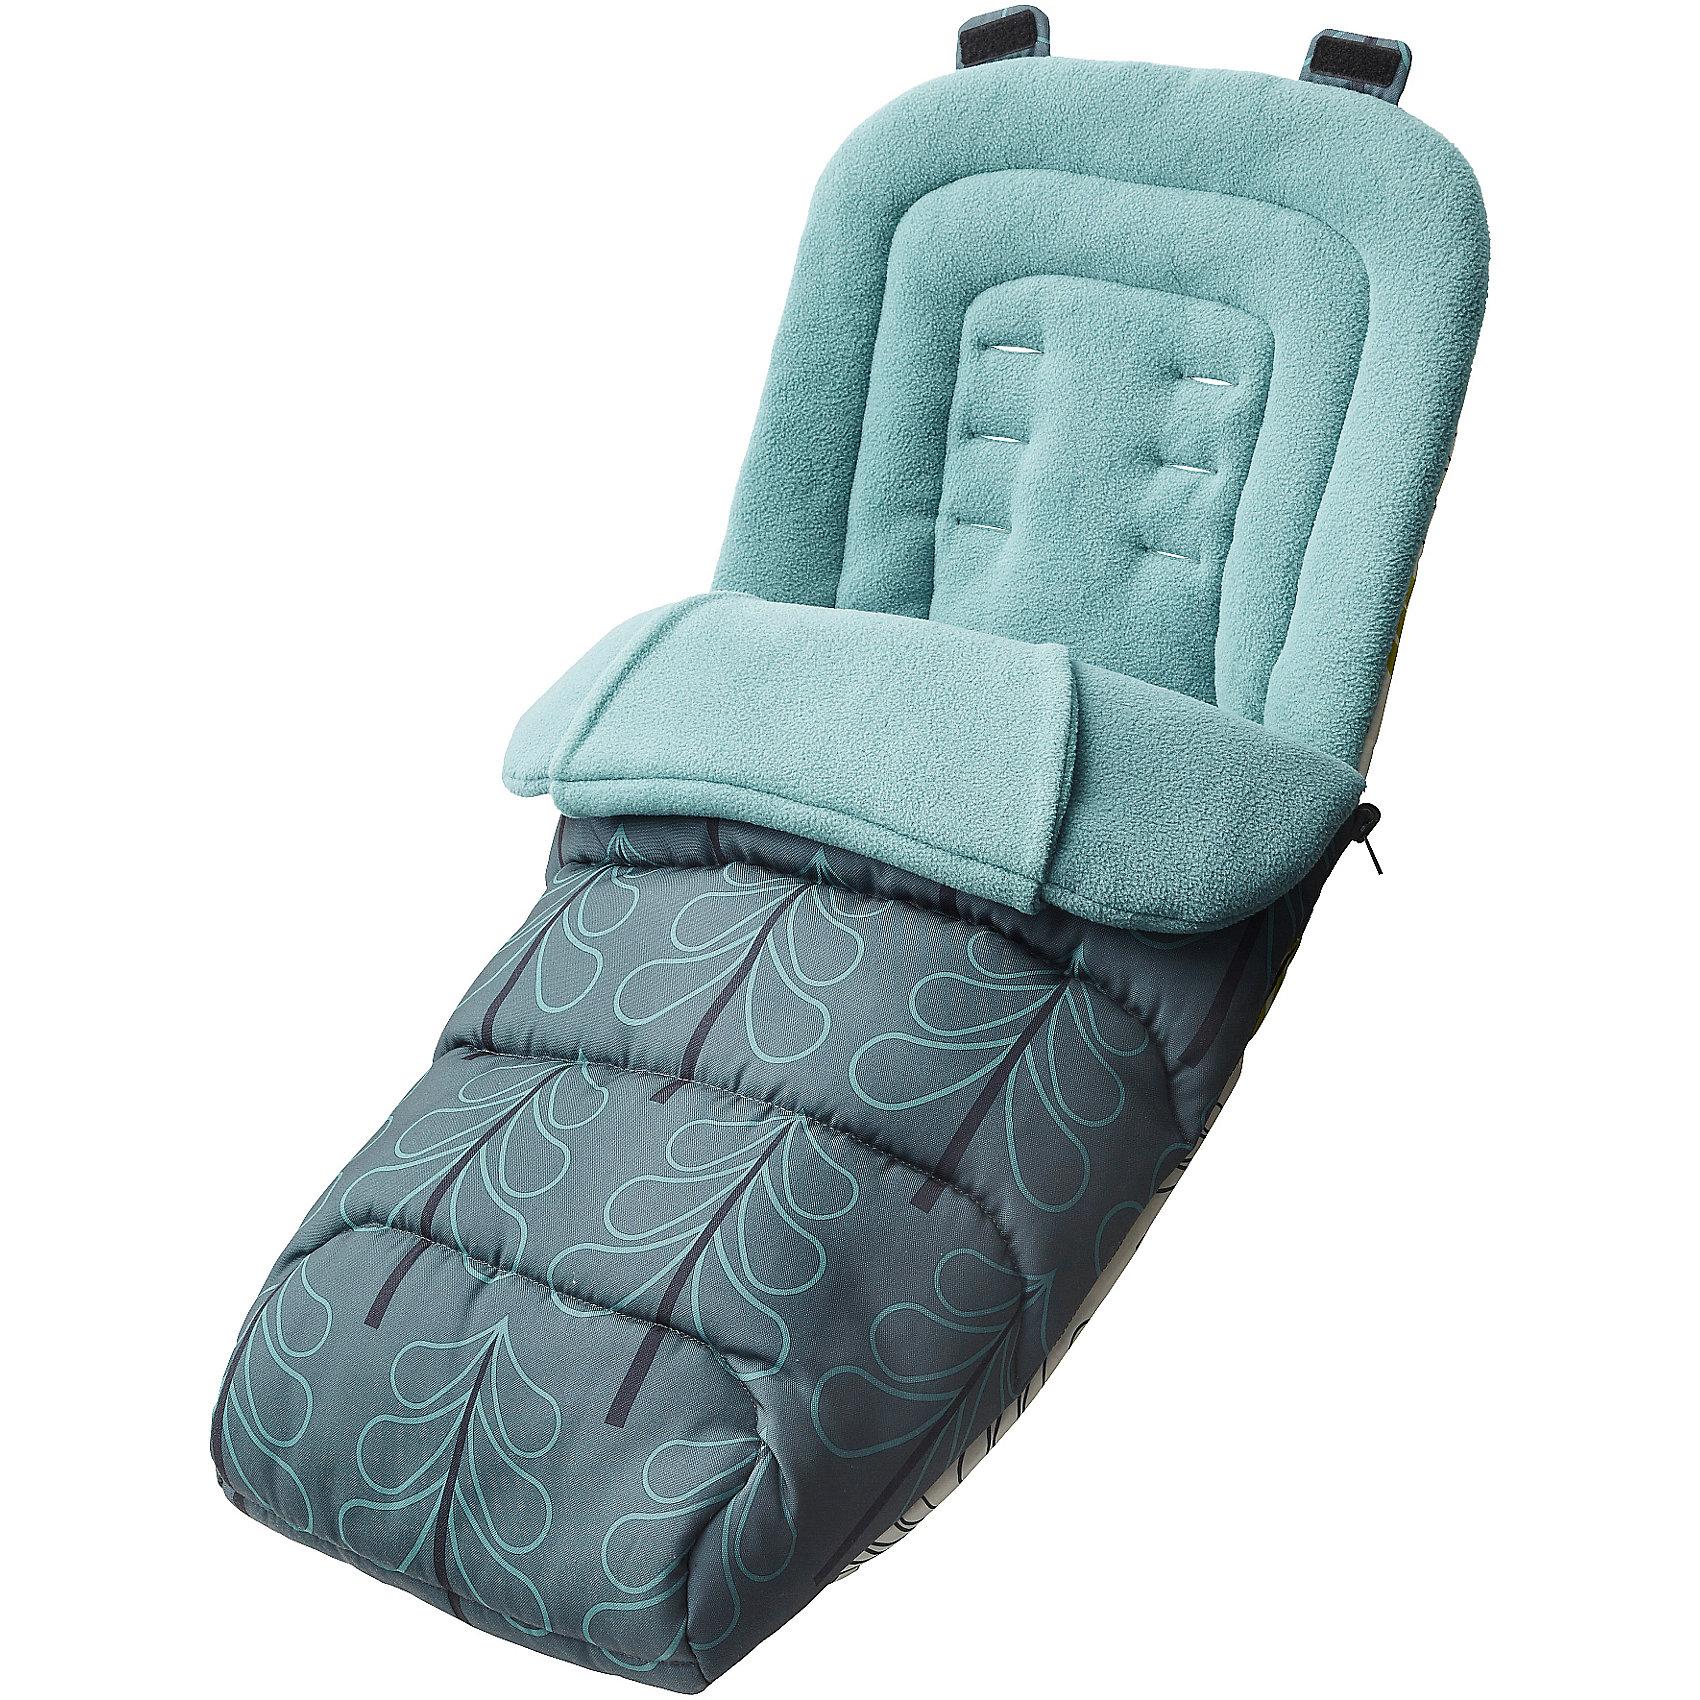 Конверт к коляске Wow, Cosatto, FjordАксессуары для колясок<br>Характеристики:<br><br>• конверт двусторонний: летняя и зимняя сторона;<br>• утепленная накидка-чехол на молнии;<br>• на отвороте чехла есть муфта для ручек малыша;<br>• специальные прорези для ремней безопасности; <br>• липучки для крепления конверта к прогулочному сиденью;<br>• конверты используются с колясками Cosatto Wow;<br>• размер конверта: 43х33х20 см;<br>• вес: 820 г.<br><br>Конверт к коляске Wow, Cosatto, Fjord можно купить в нашем интернет-магазине.<br><br>Ширина мм: 430<br>Глубина мм: 330<br>Высота мм: 200<br>Вес г: 820<br>Возраст от месяцев: 0<br>Возраст до месяцев: 18<br>Пол: Унисекс<br>Возраст: Детский<br>SKU: 5444503